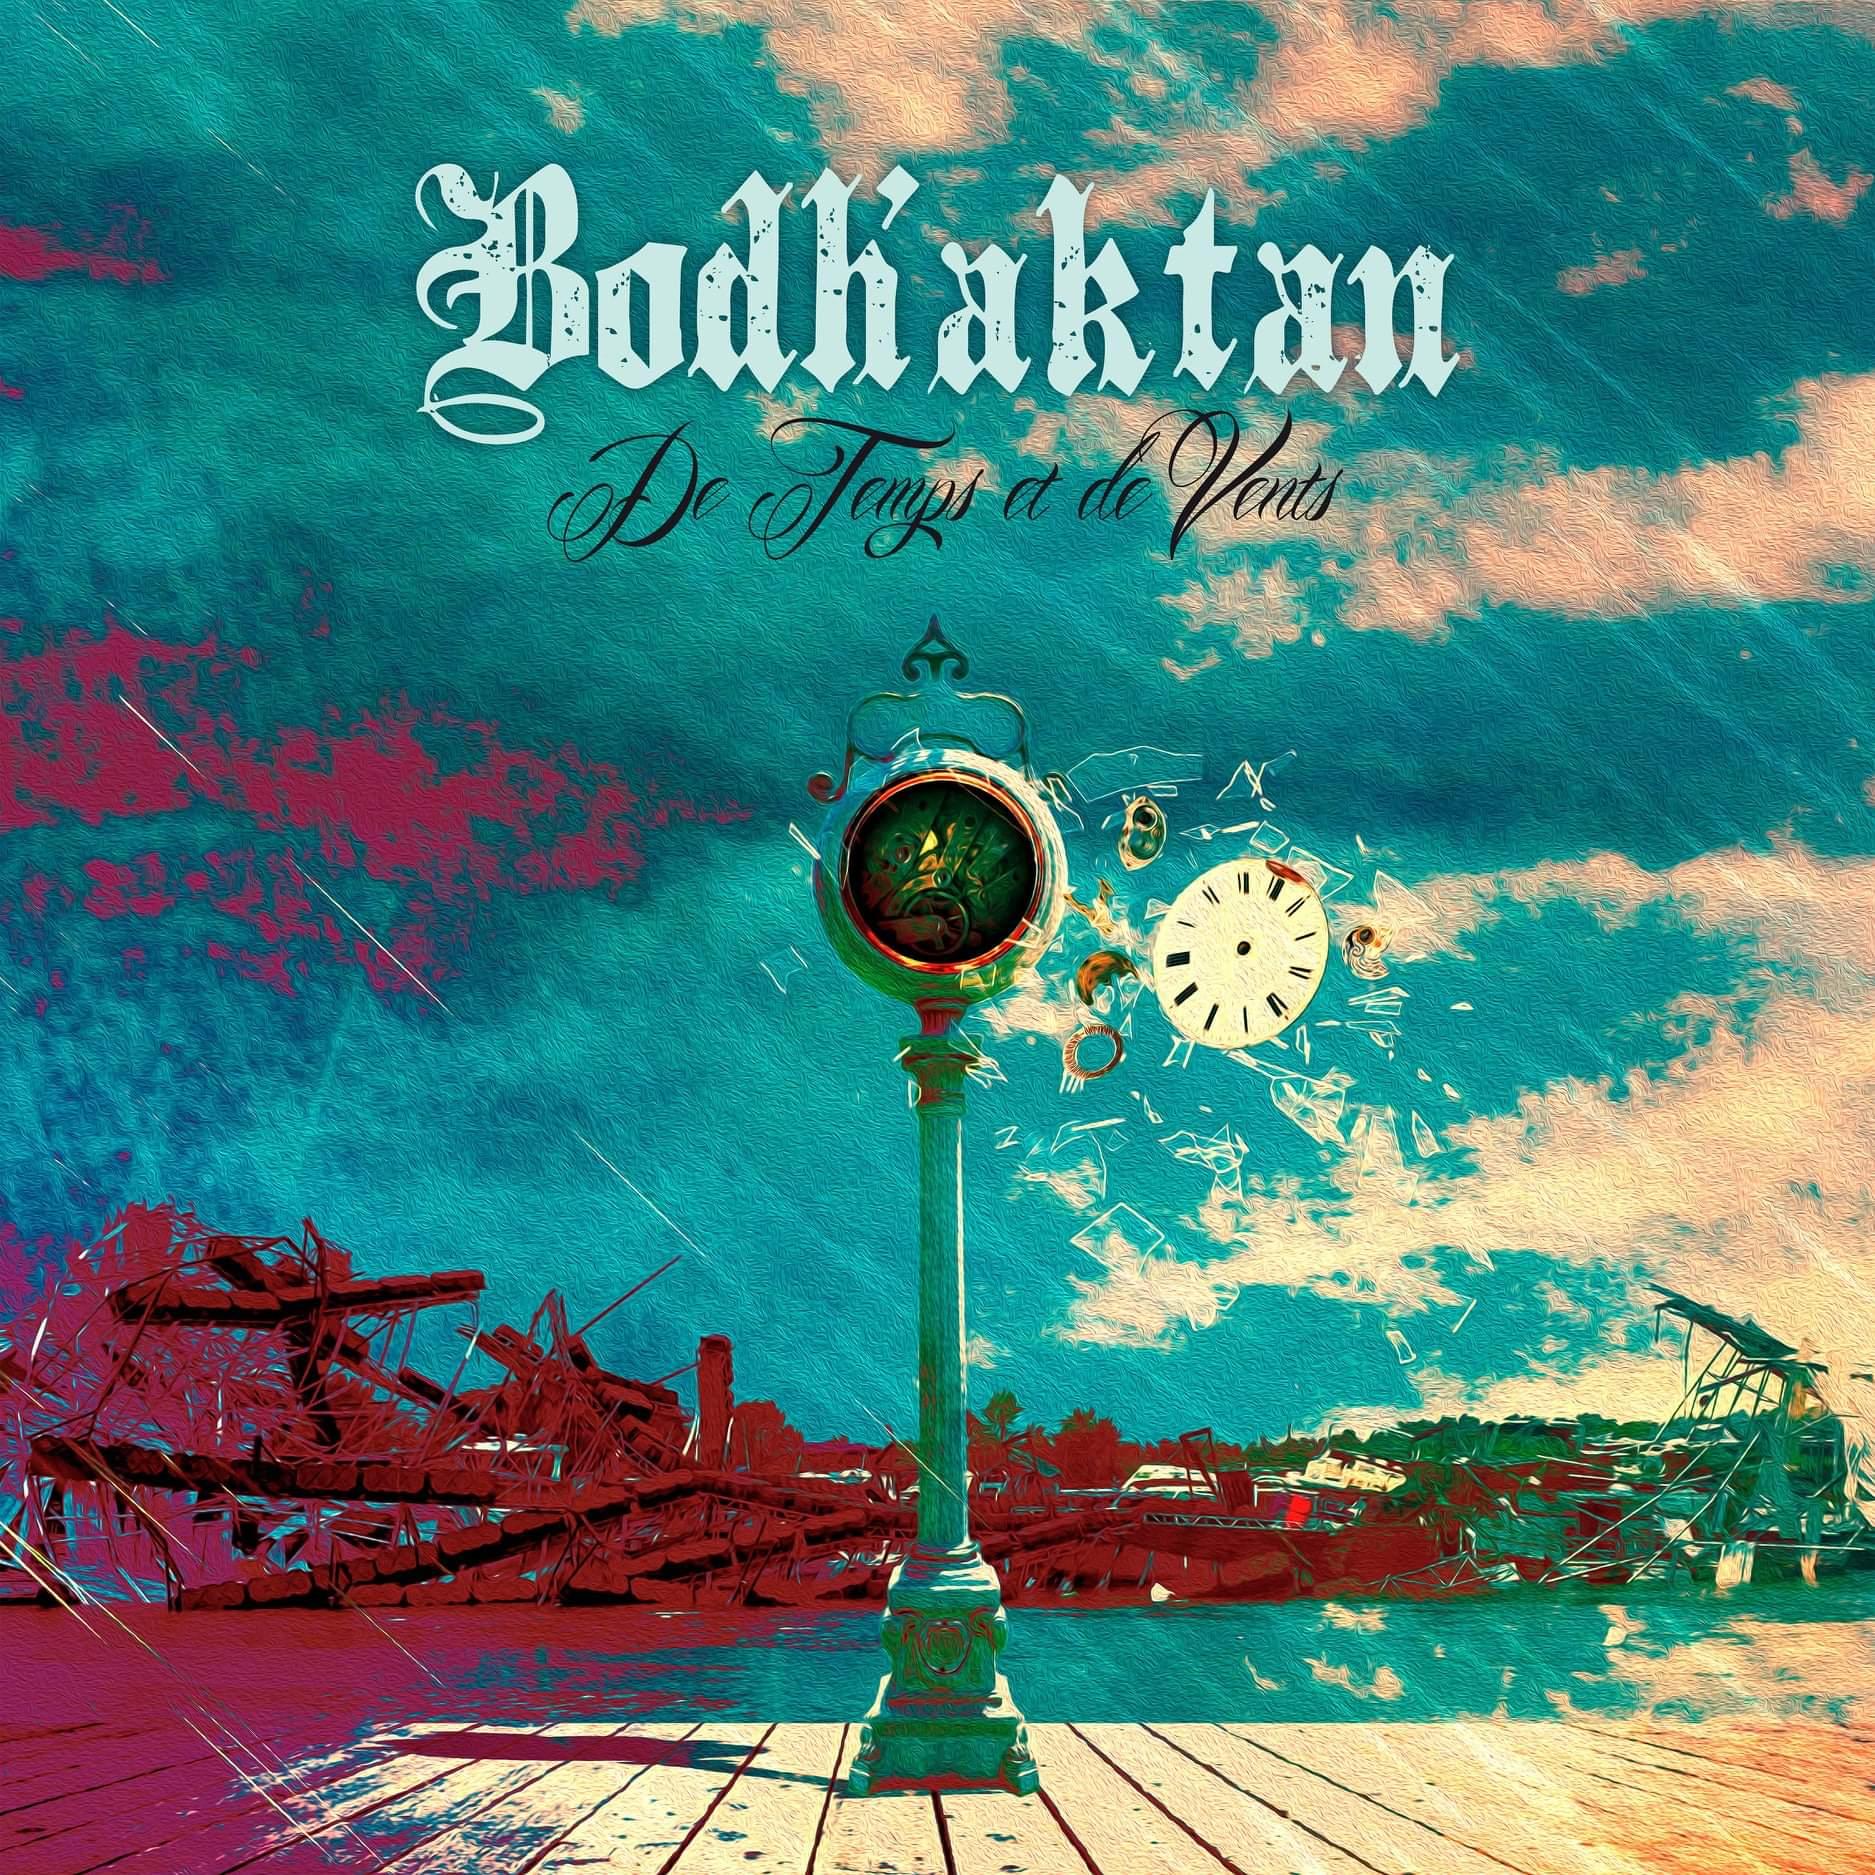 """Résultat de recherche d'images pour """"bodh'aktan de temps et de vents cd"""""""